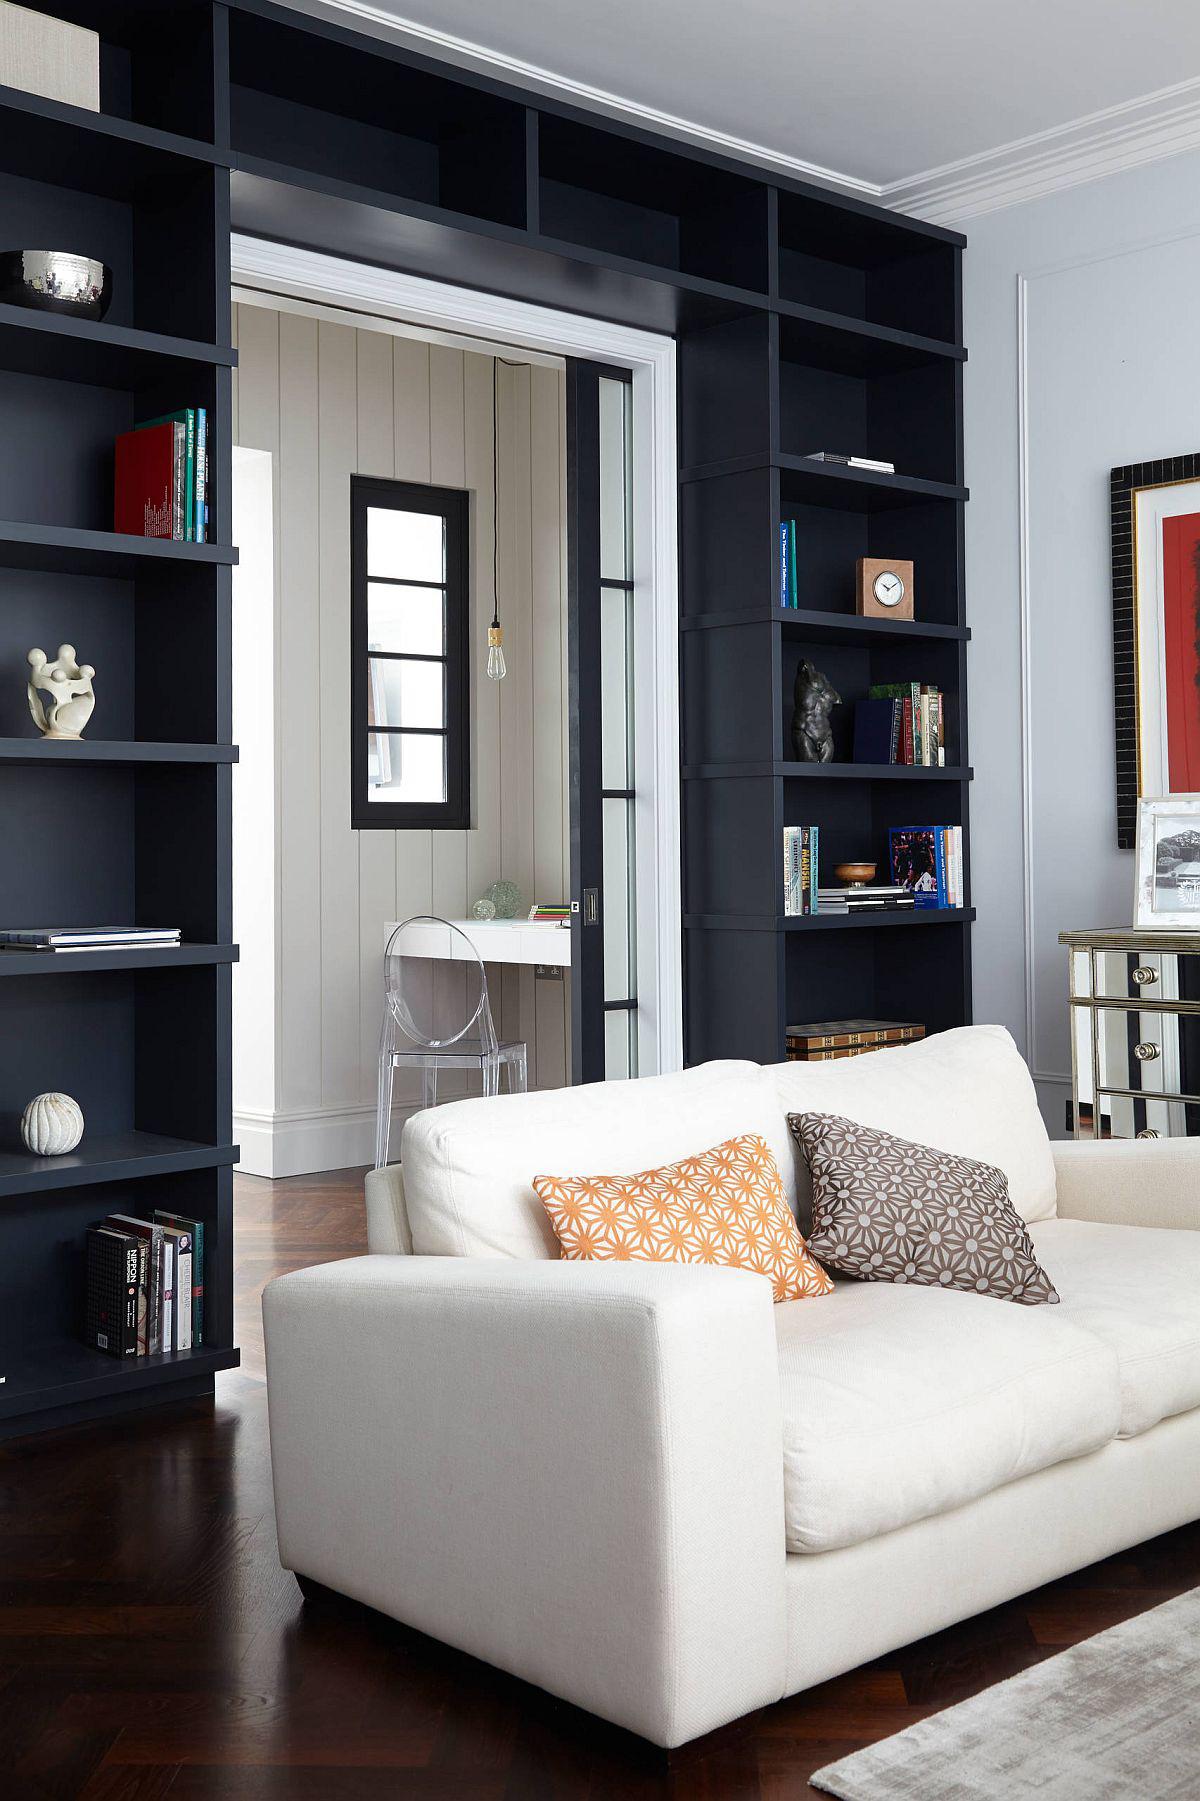 Tối đa hóa không gian trong ngôi nhà của bạn cực bắt mắt với kệ tích hợp thông minh xung quanh ô cửa - Ảnh 6.